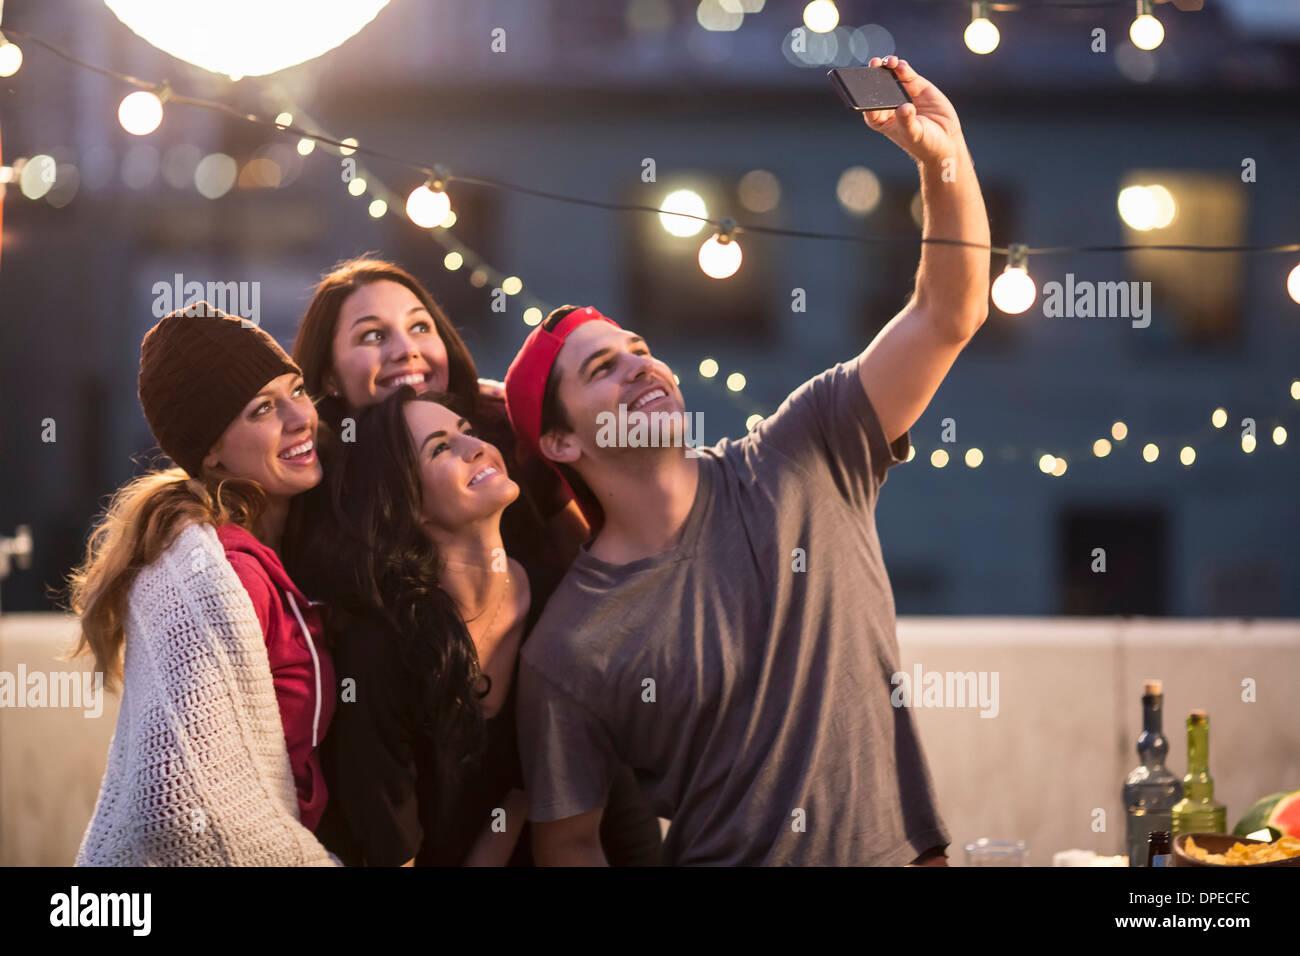 Junge Erwachsene Freunde unter Selbstportrait auf party Stockbild